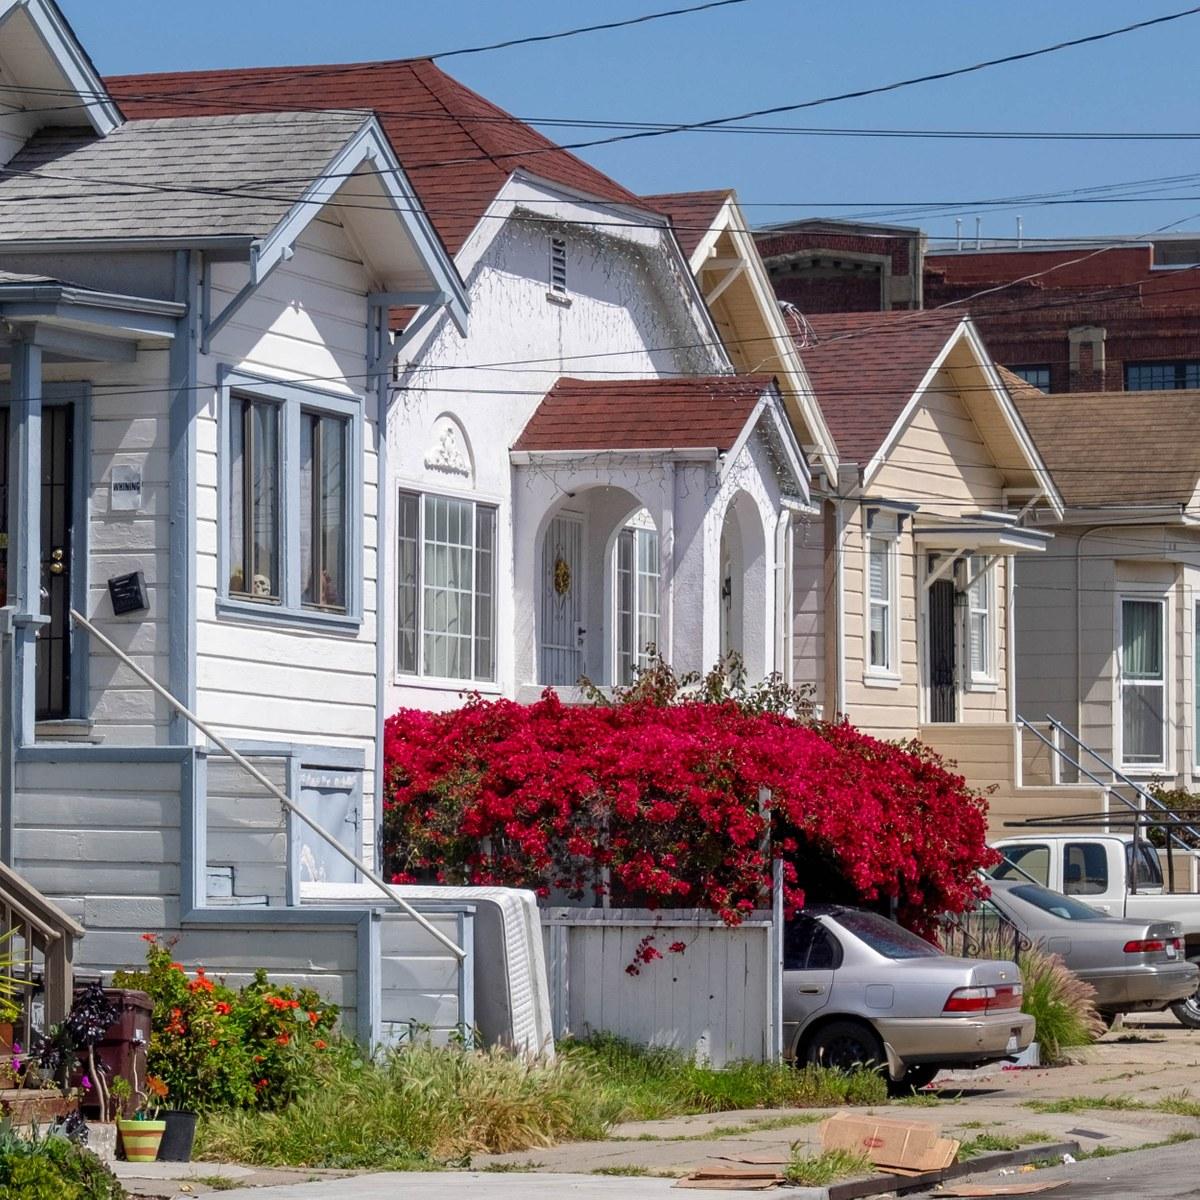 Homes For Rent Bay Area Ca: Prescott, Oakland CA - Neighborhood Guide